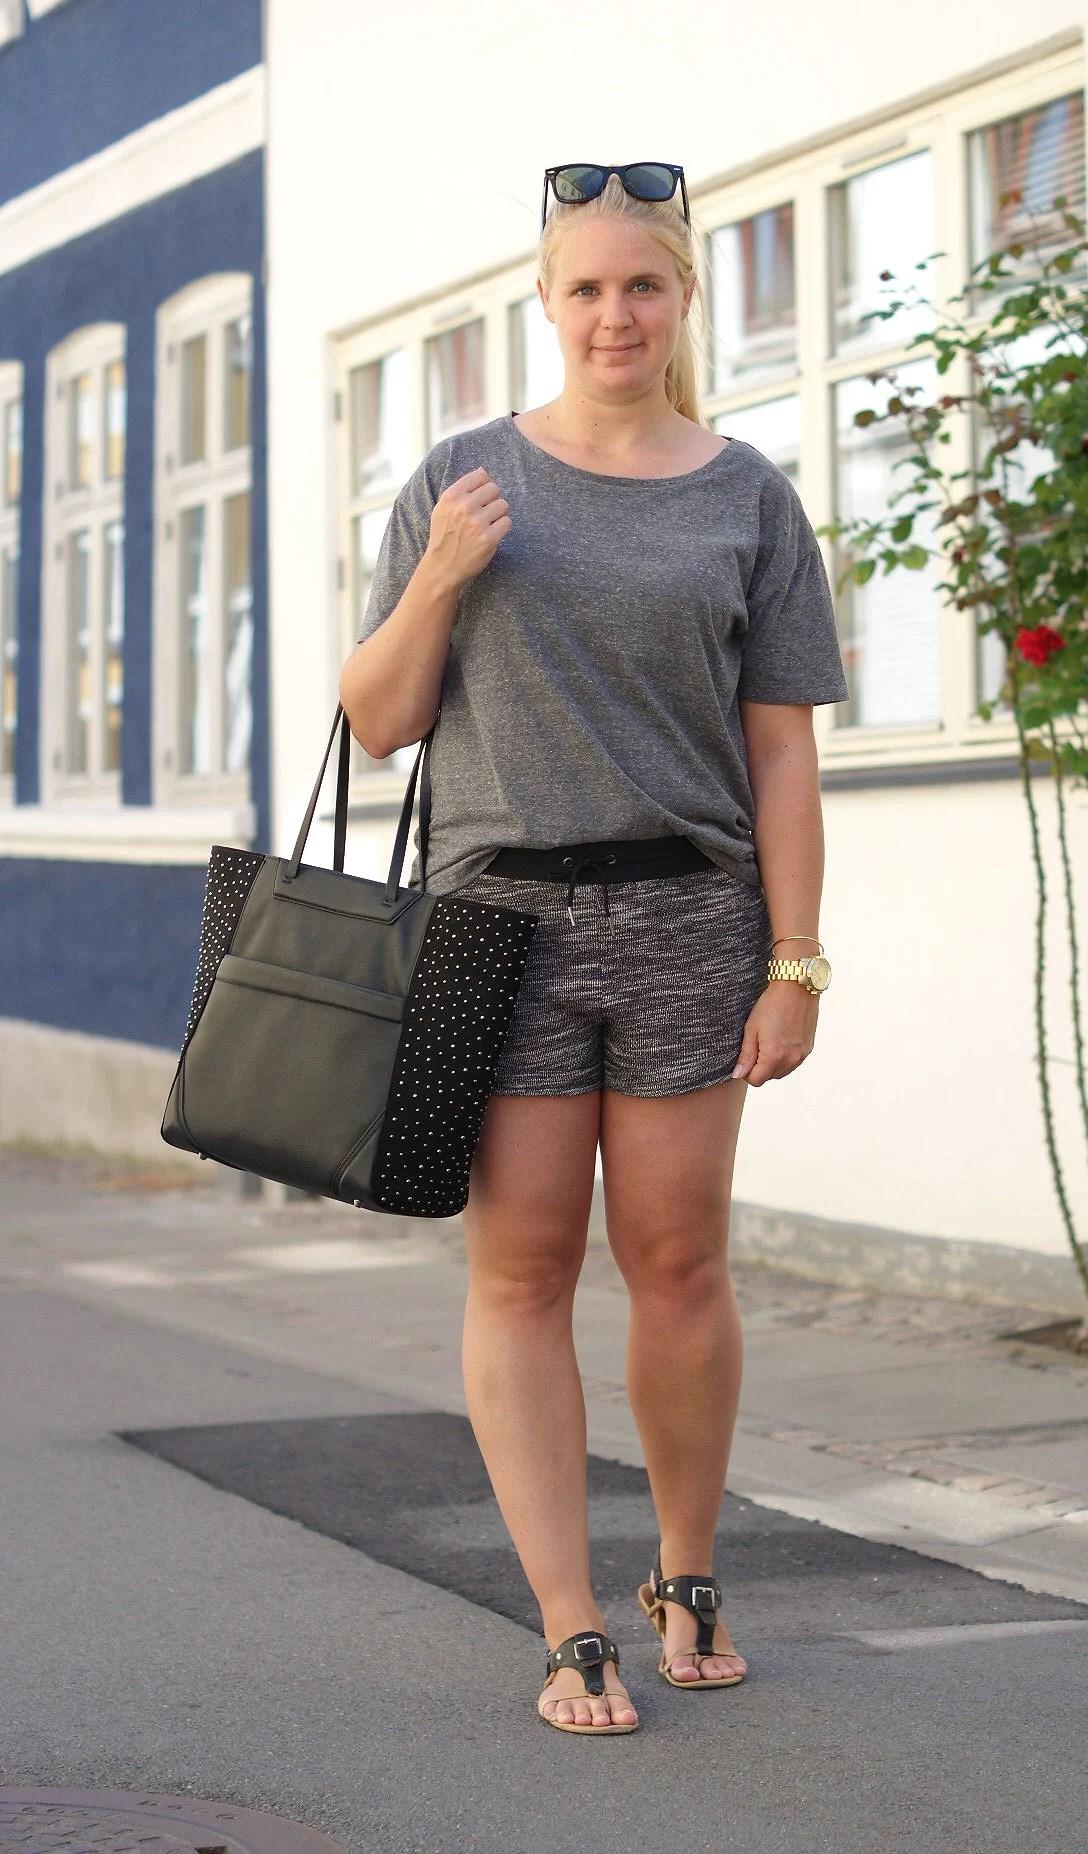 Juliemænnchen-modeblog